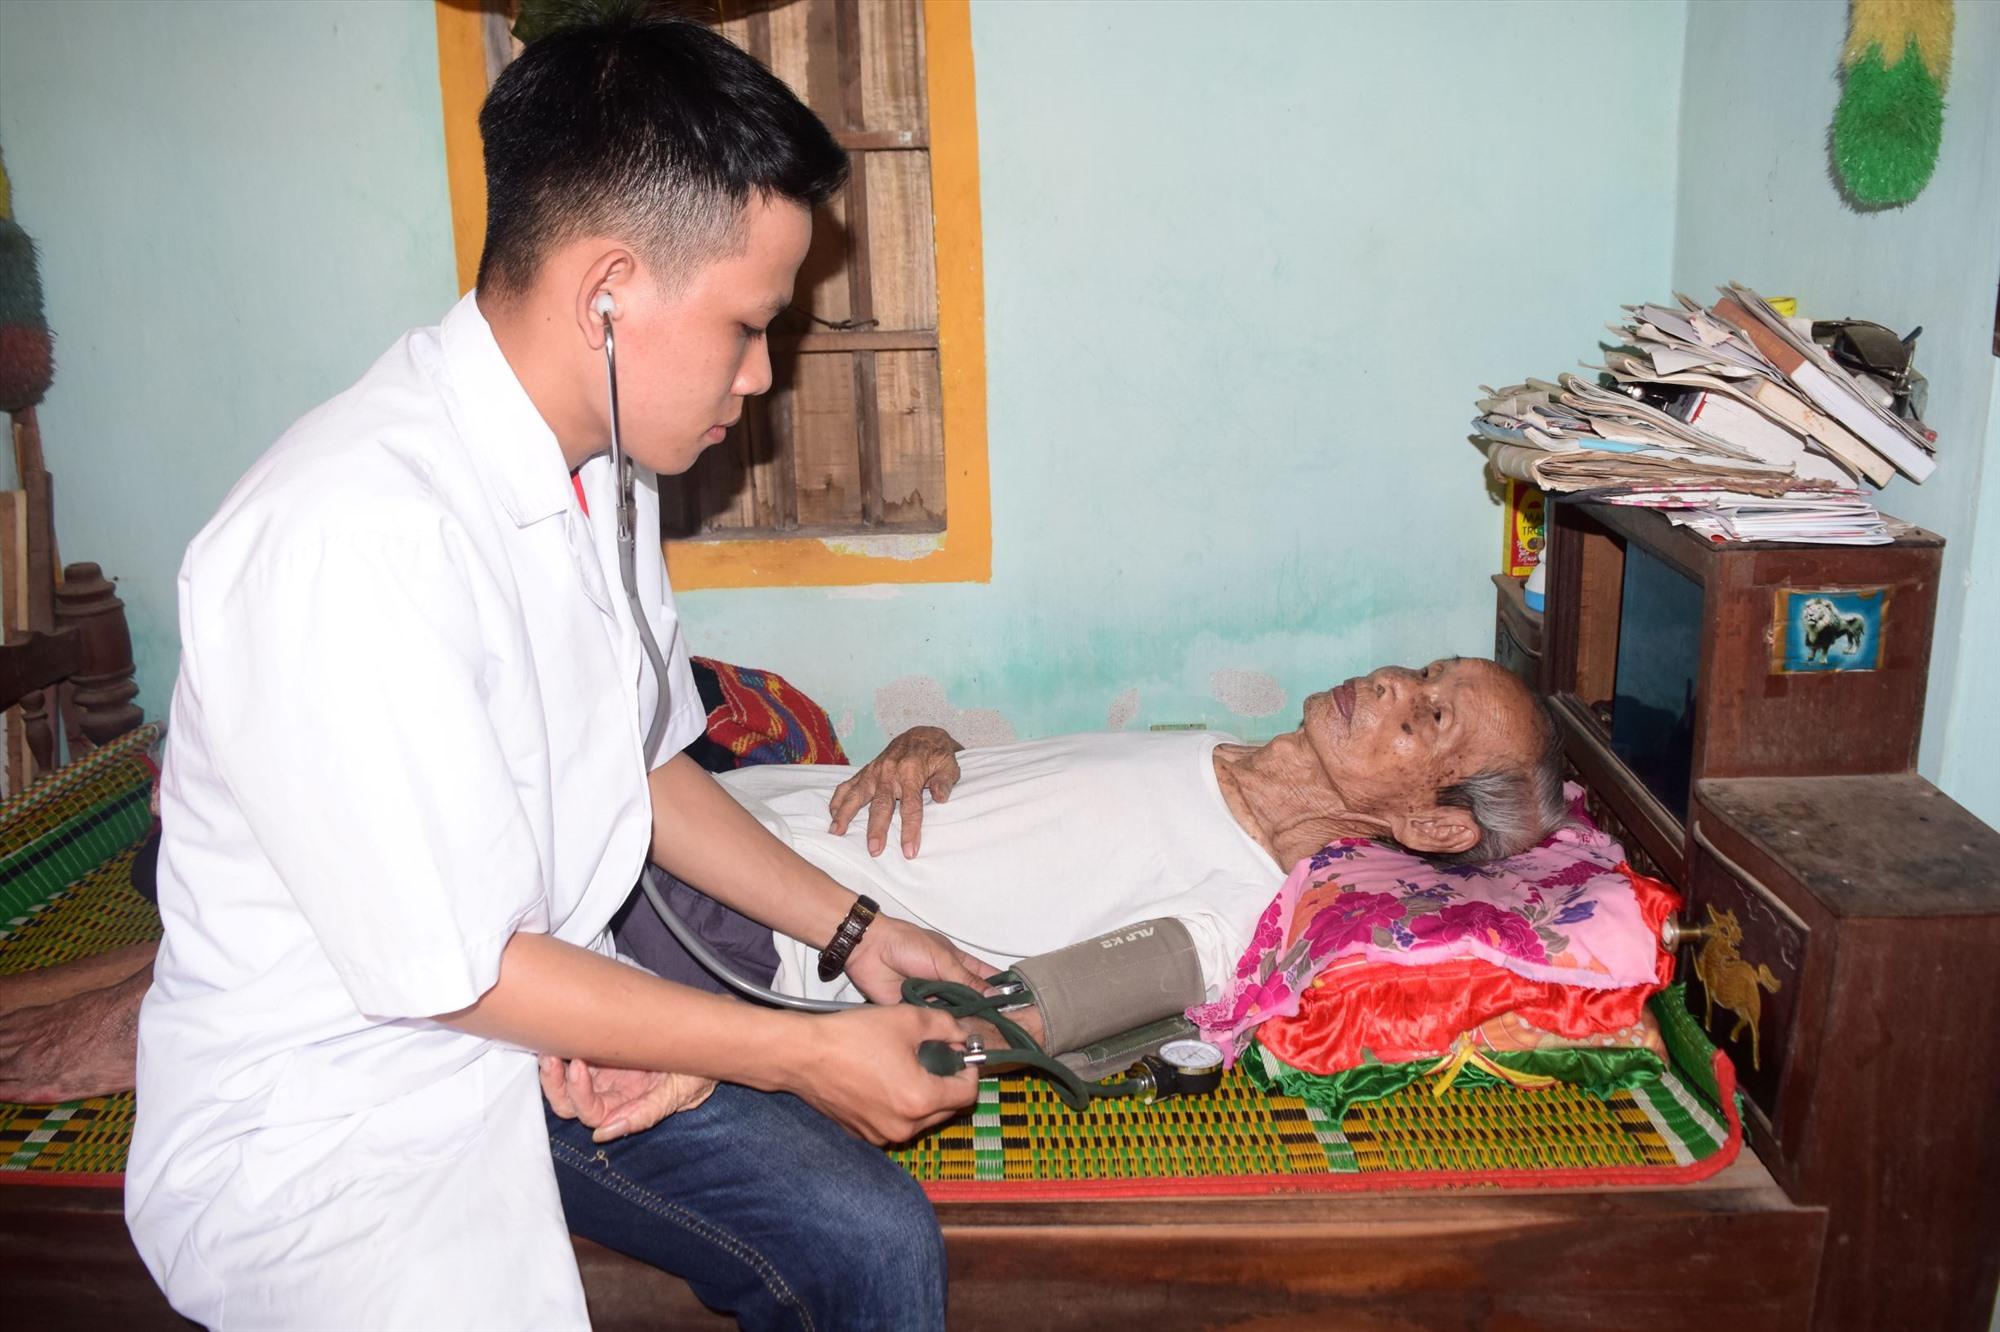 Khám bệnh, cấp phát thuốc miễn phí tại nhà các gia đình chính sách huyện Phú Ninh. Ảnh: THÁI CƯỜNG